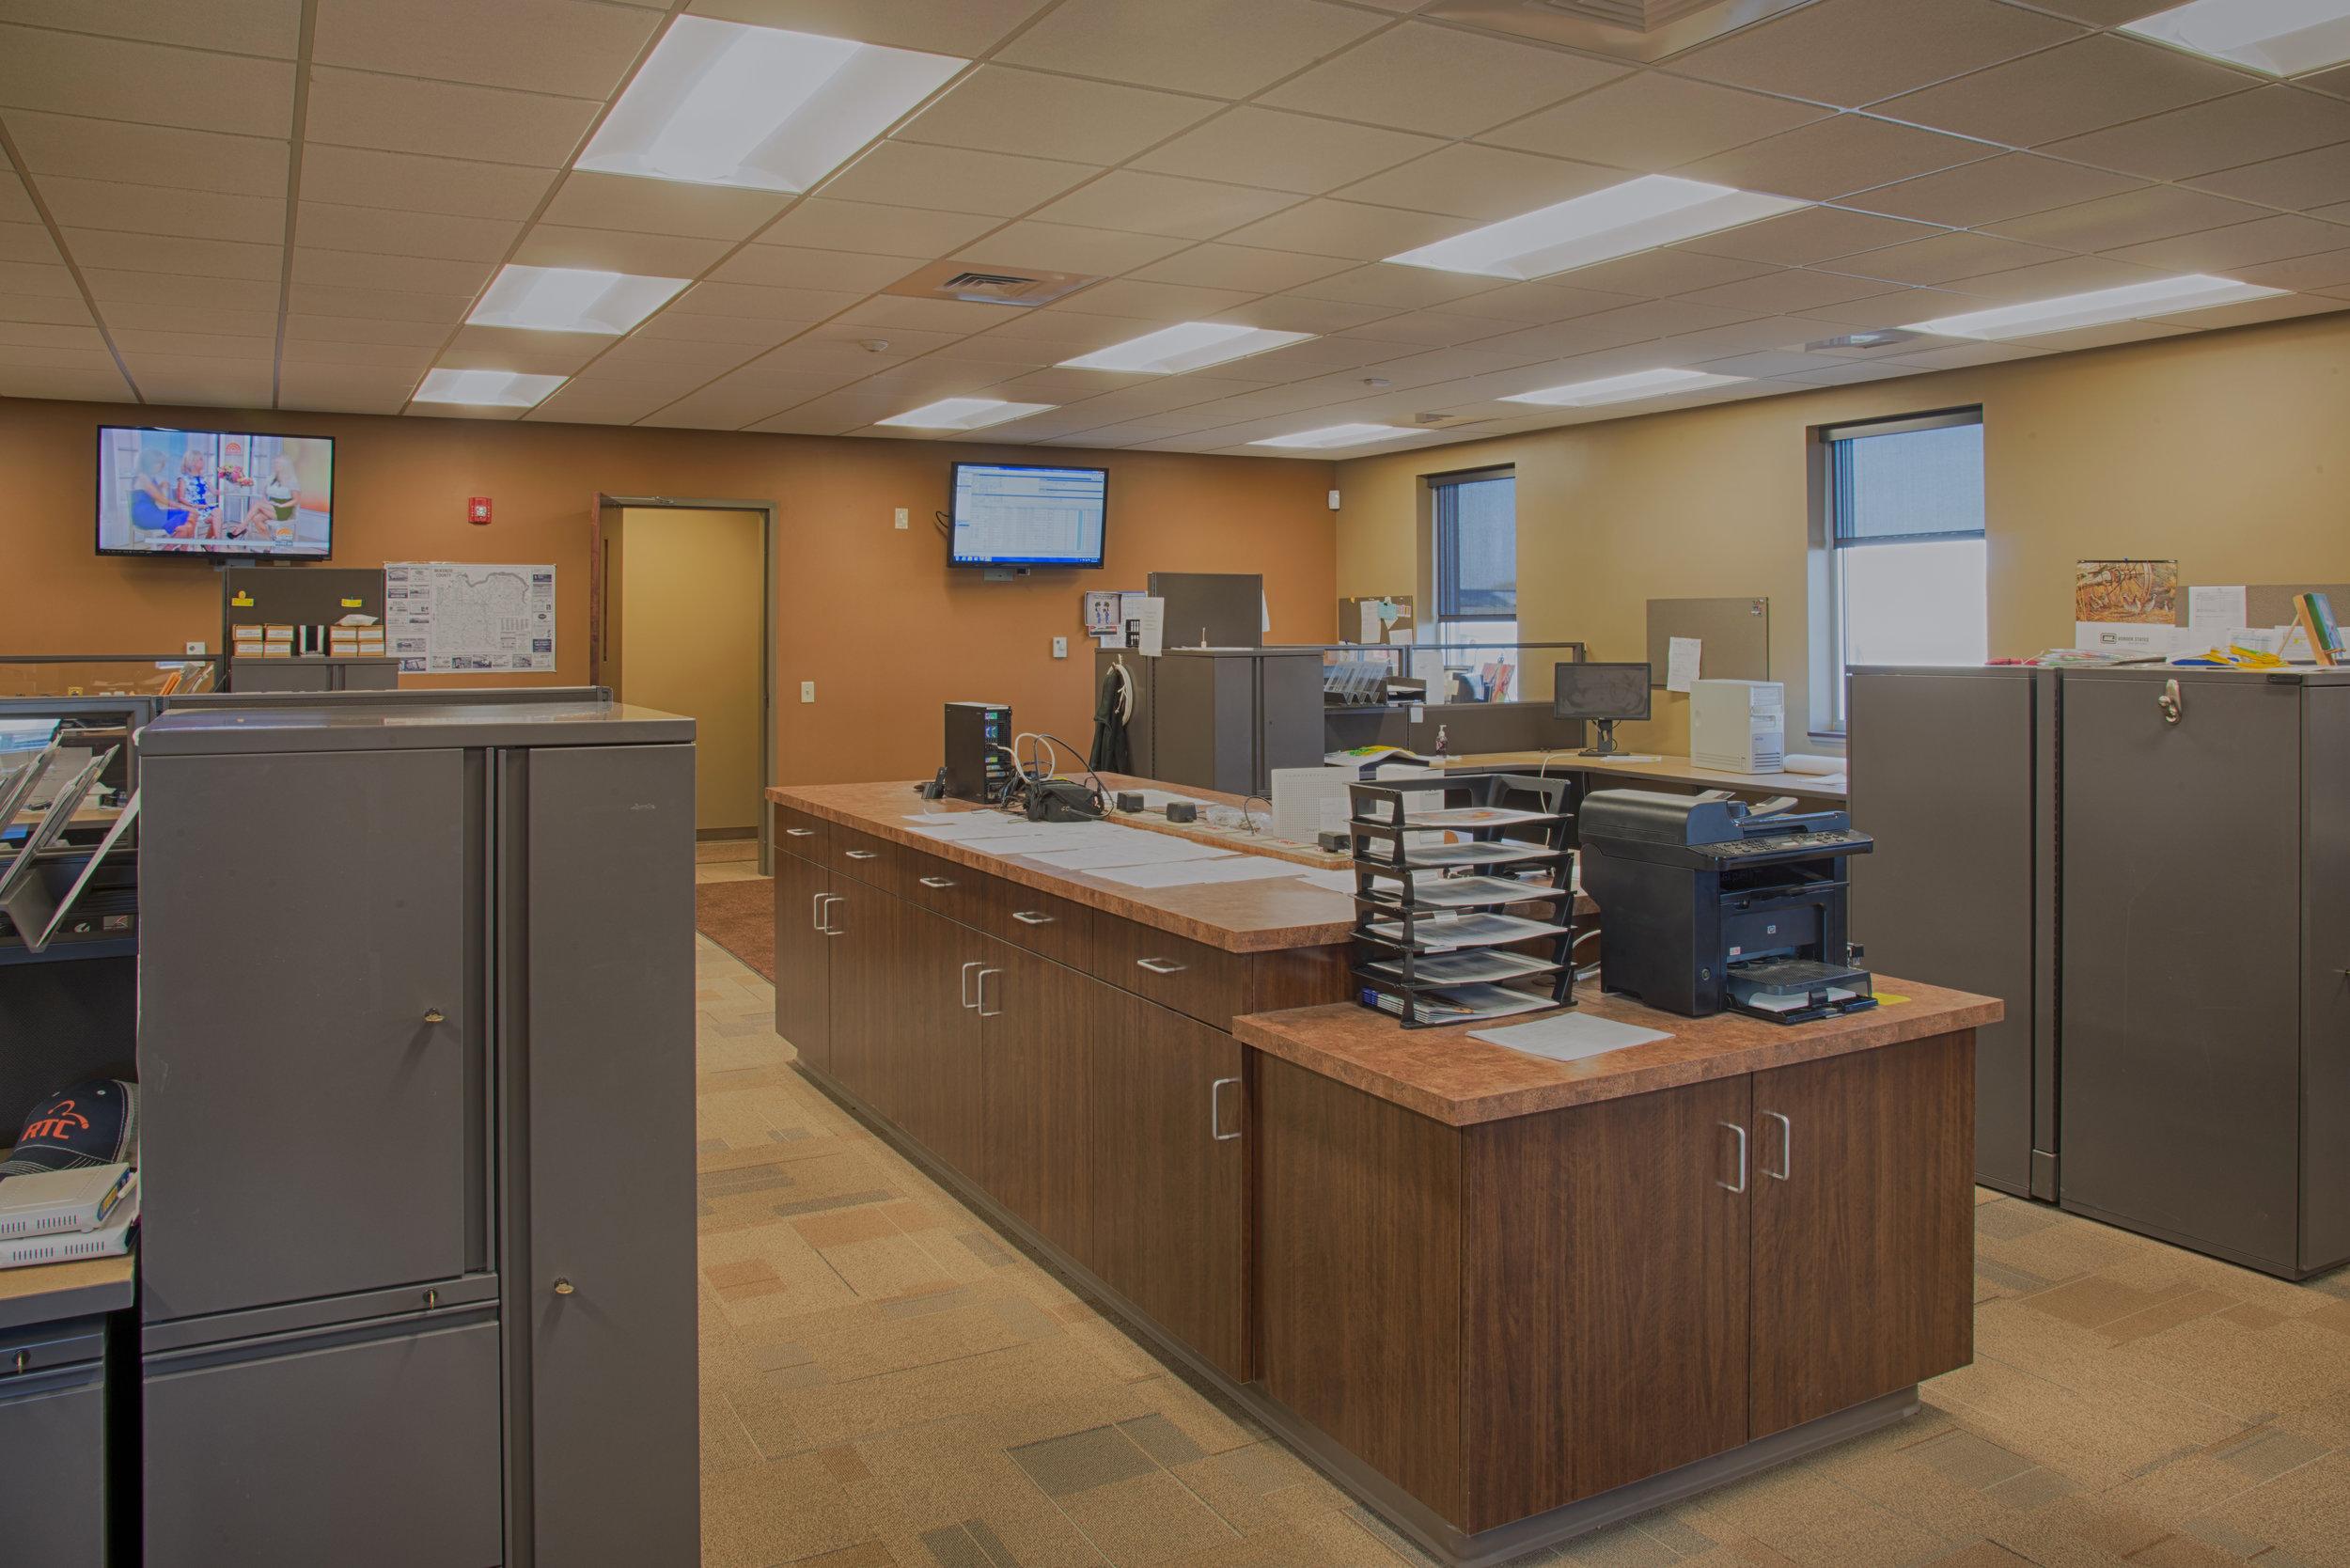 2045-25 Interior Office.jpg